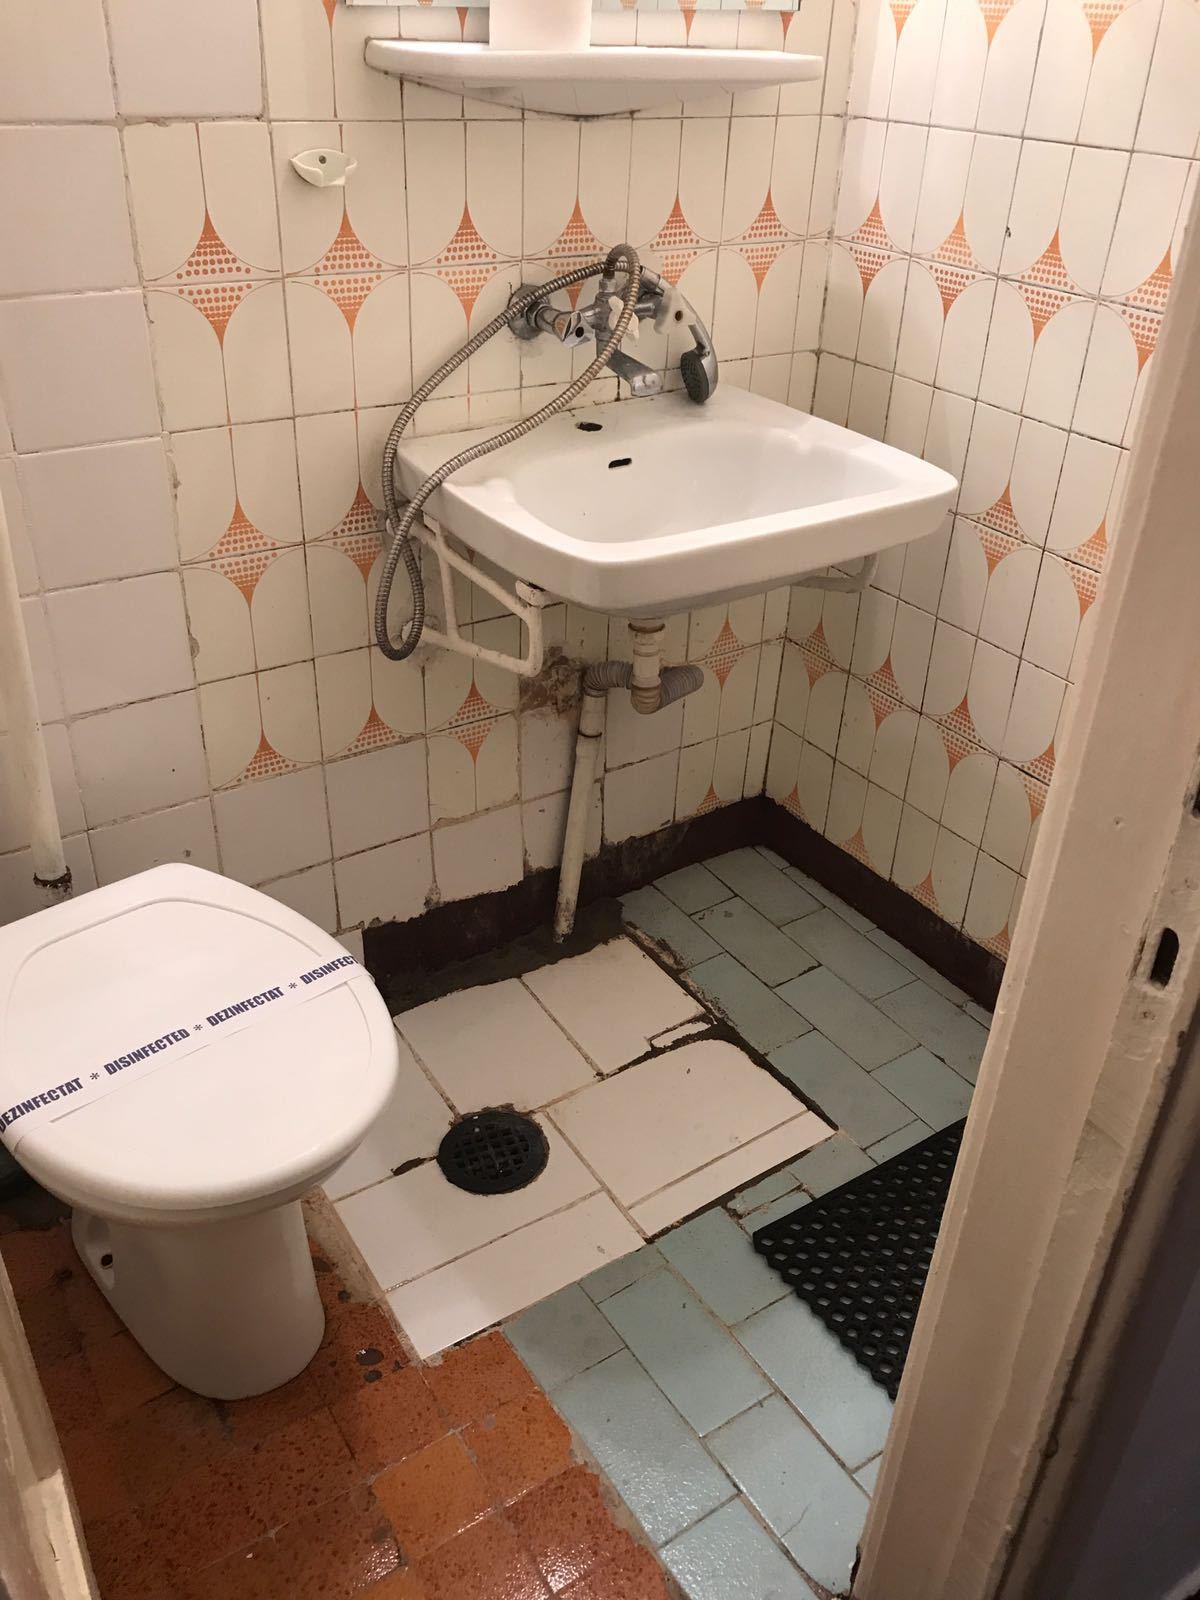 FOTO Saltele şi lenjerii murdare, băi insalubre şi produse alterate, găsite de OPC la trei hoteluri din Eforie